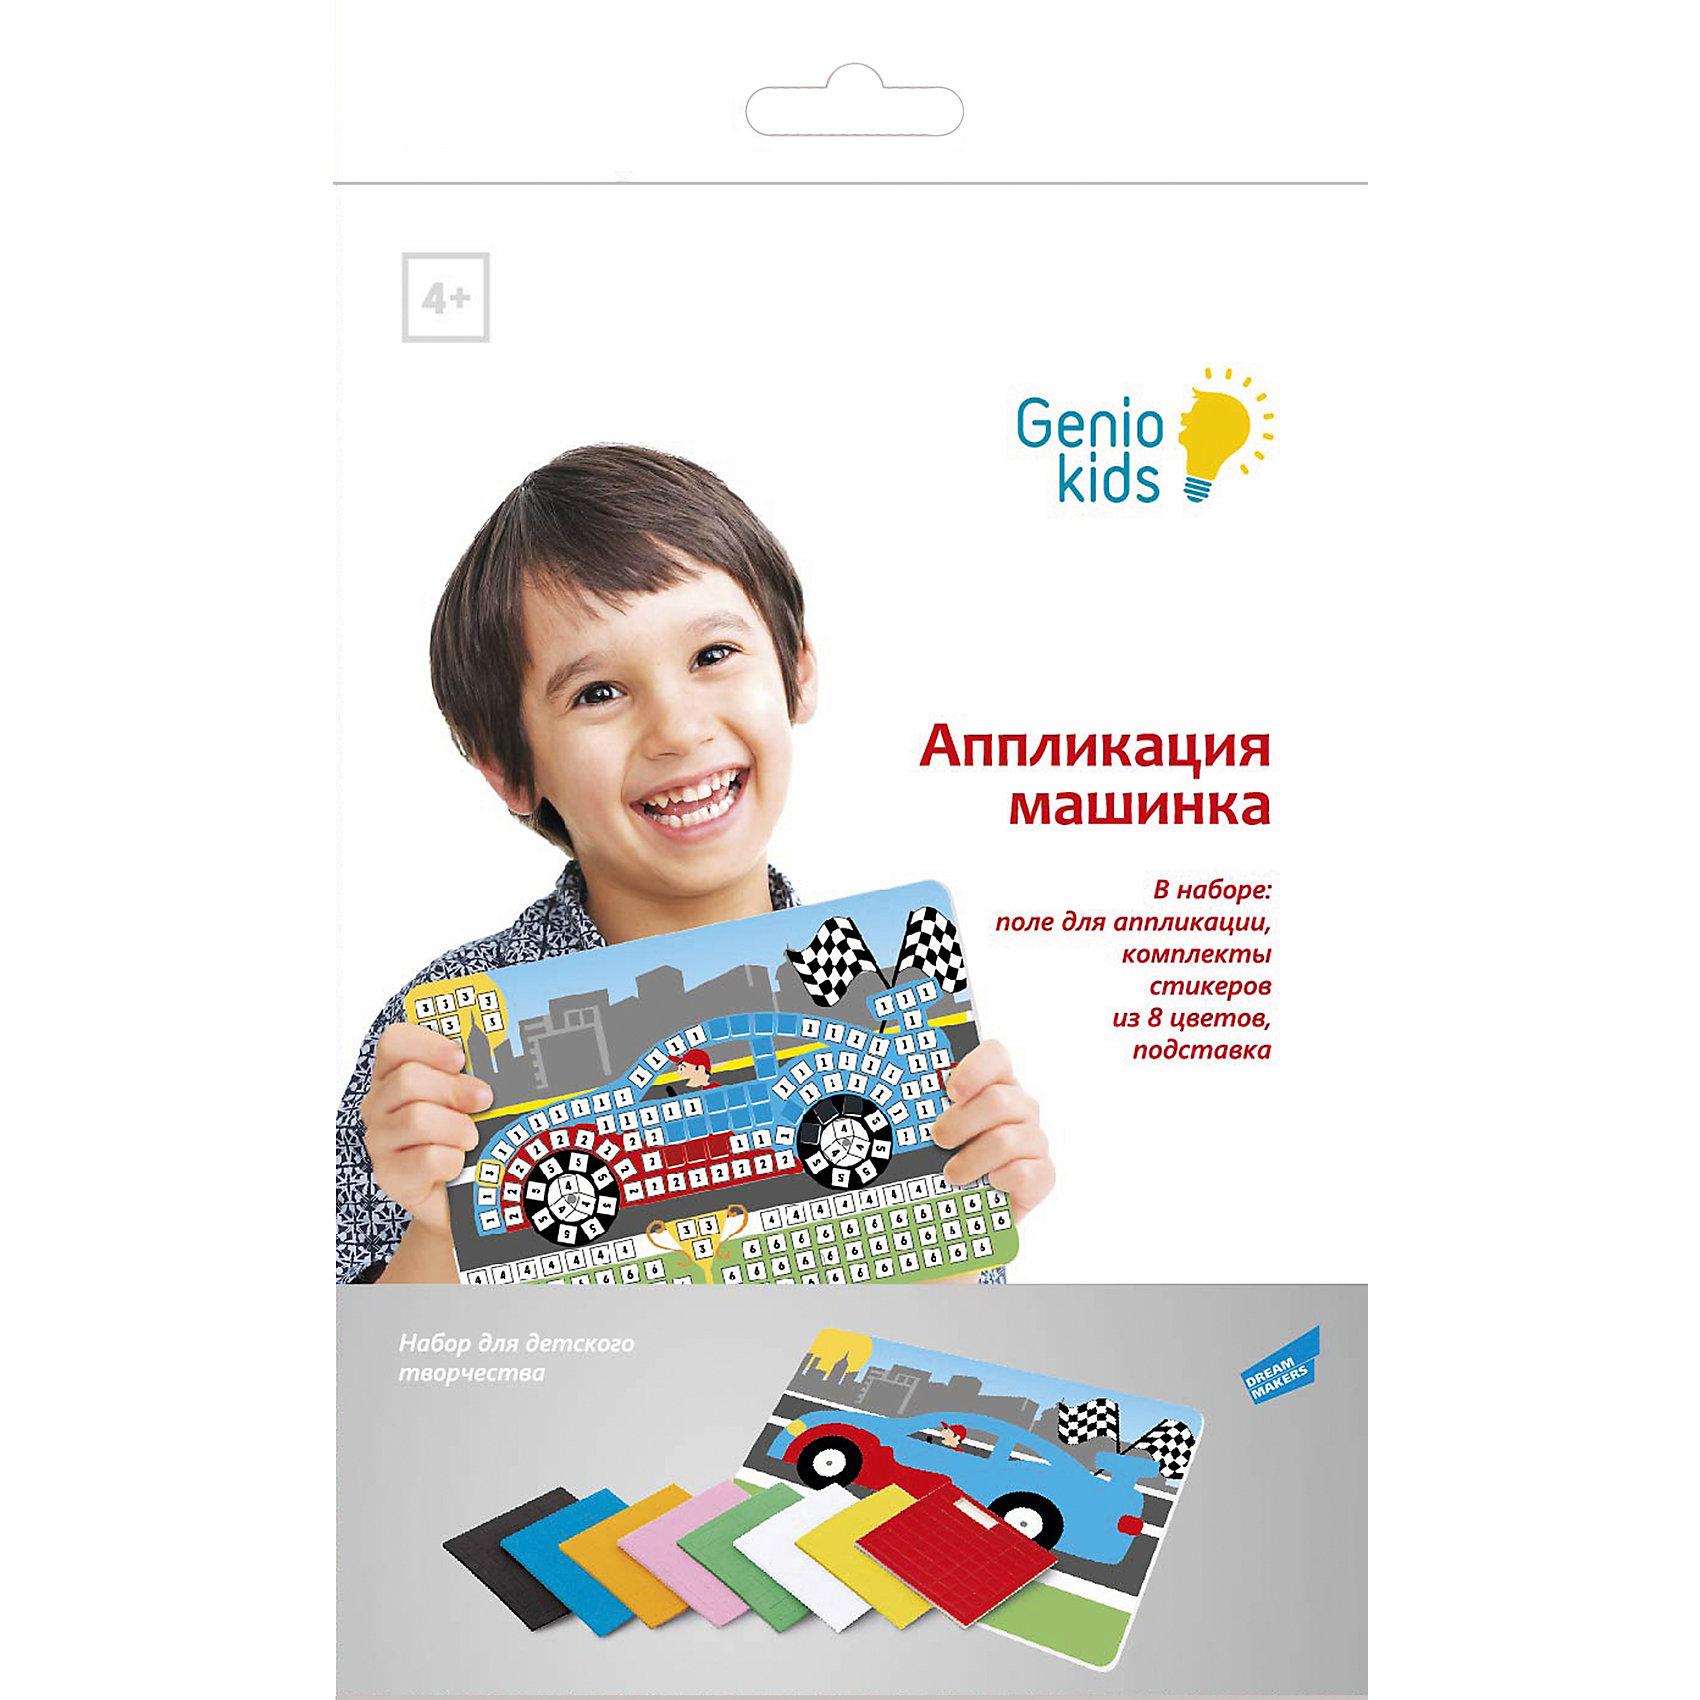 Аппликация МашинкаБумага<br>Набор Машинка позволит ребенку самому создать яркую картину в технике аппликации. В набор входит индивидуальная коробка с напечатанной на ней инструкцией, поле с напечатанным рисунком машинки, для приклеивания разноцветных стикеров с нанесённой клеевой основой. На поле нанесены цифры в квадратах с номером внутри . Ребёнок вынимает стикер из блока и наклеивает на игровое поле соответственно номеру цвета. В результате получается изображение автомобиля, которое можно поставить на картонную подставку. Аппликация не только приносит много радости детям, работа в этой технике развивает мелкую моторику и мышление, а также внимательность и усидчивость ребенка.<br><br>Дополнительная информация<br><br>- Материал: бумага.<br>- Размер упаковки: 24 x 15 x 3 см.<br>- Комплектация: поле для стикеров - 1 шт, подставка для поля - 1 шт, стикеры - 8 блоков ( 64 стикера, размером 60 х 60 мм).<br><br>Аппликацию Машинка можно купить в нашем магазине.<br><br>Ширина мм: 20<br>Глубина мм: 150<br>Высота мм: 230<br>Вес г: 200<br>Возраст от месяцев: 48<br>Возраст до месяцев: 120<br>Пол: Унисекс<br>Возраст: Детский<br>SKU: 4222232